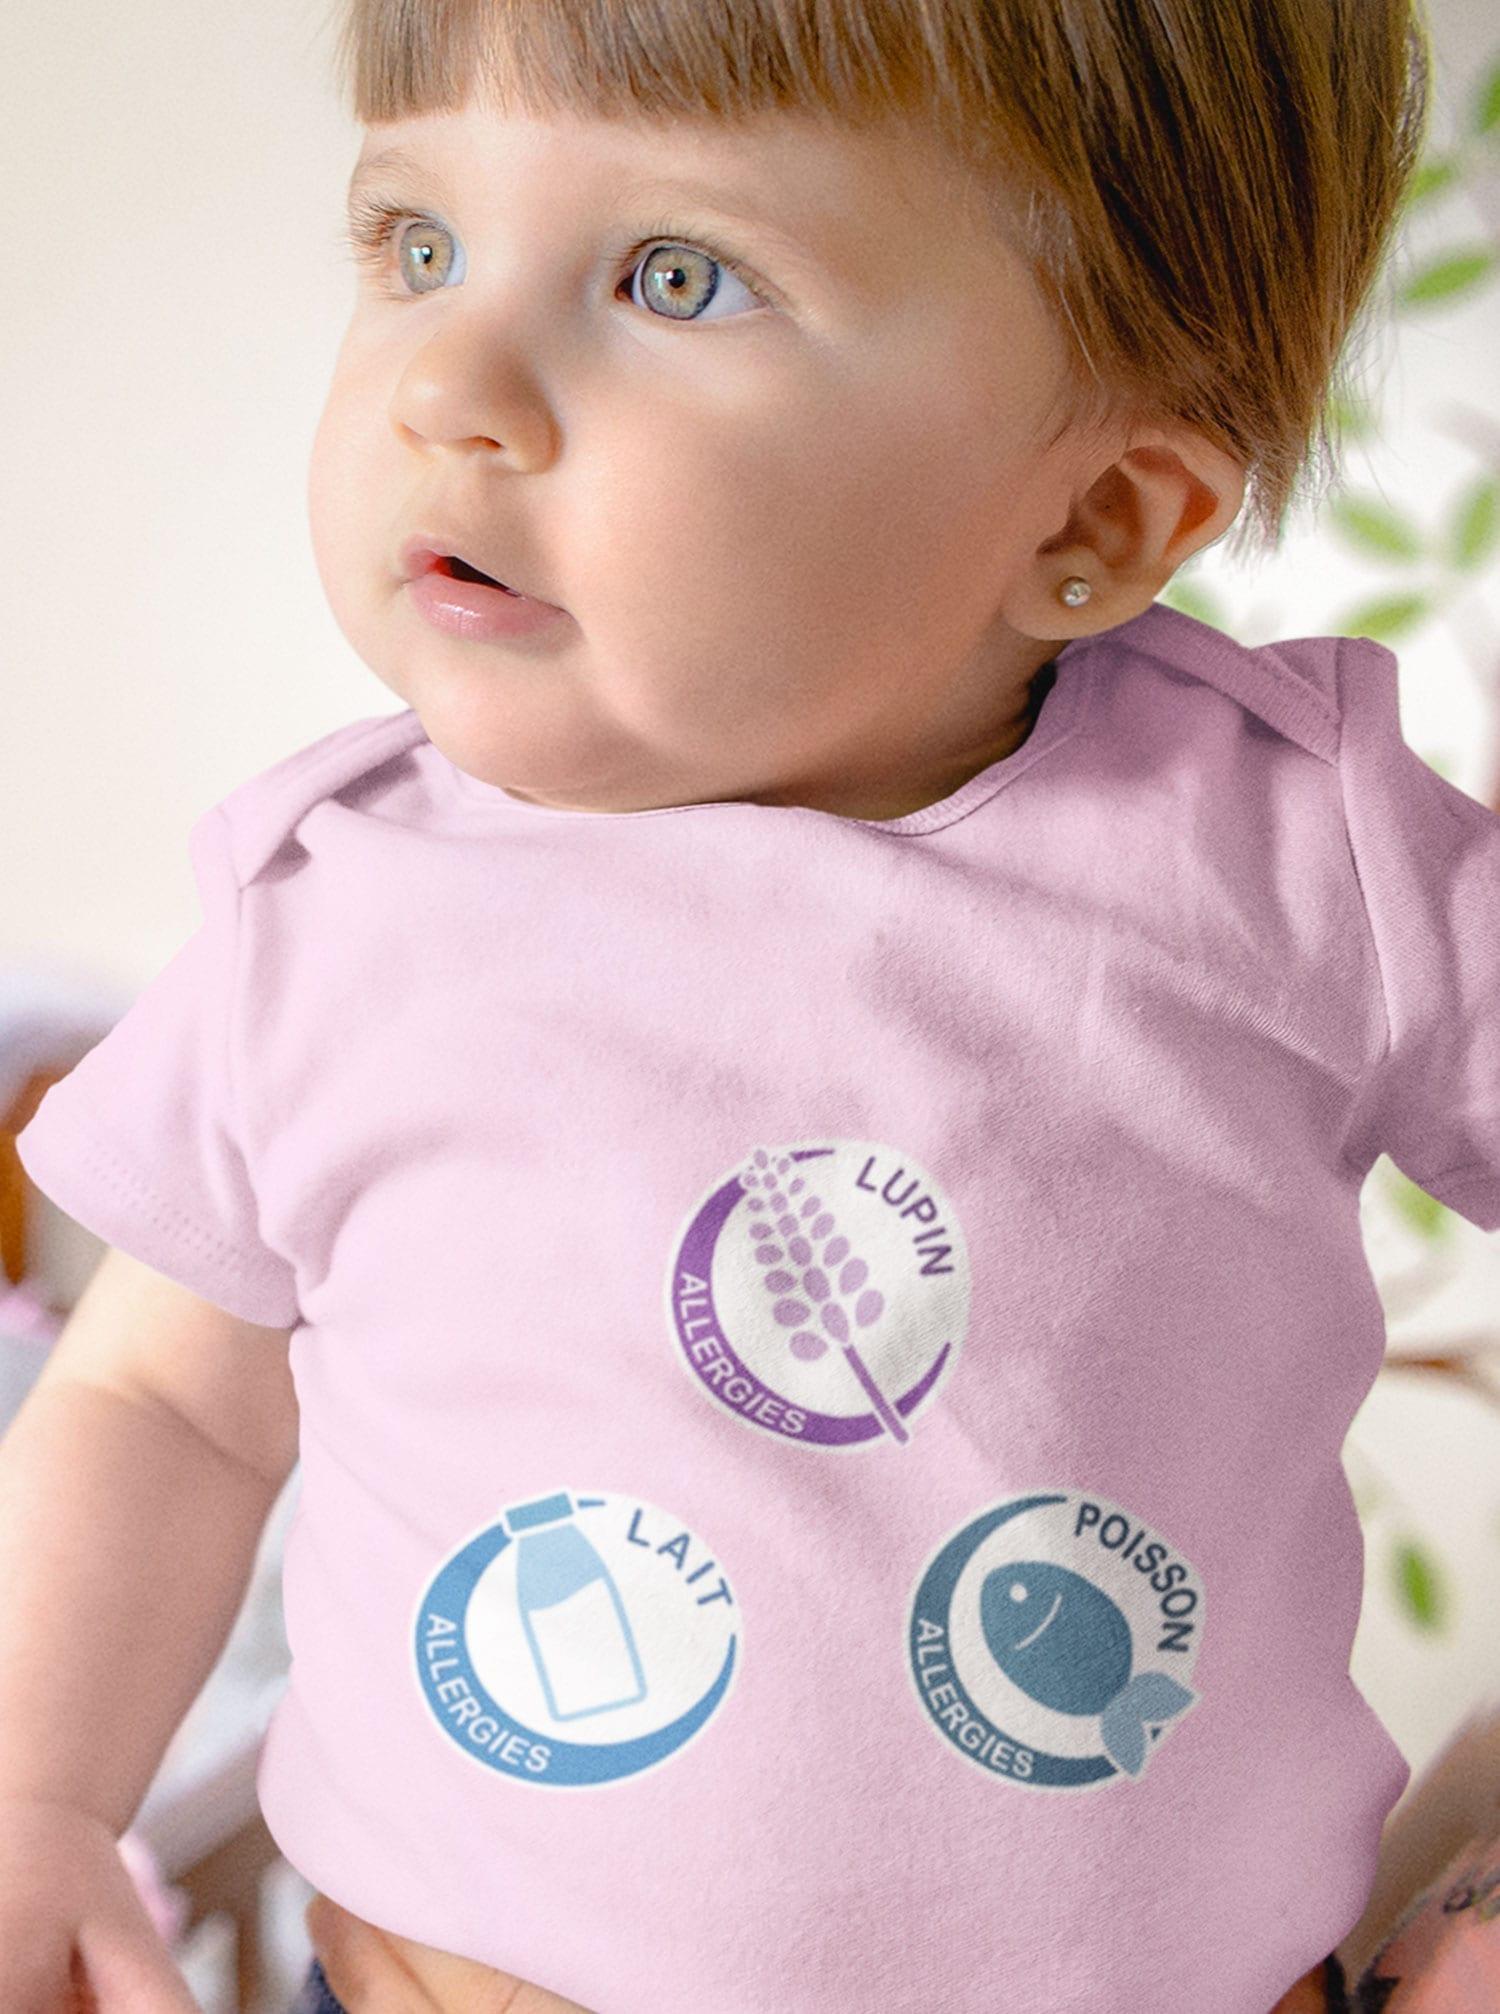 bébé fille en body rose affichant ses allergies alimentaires